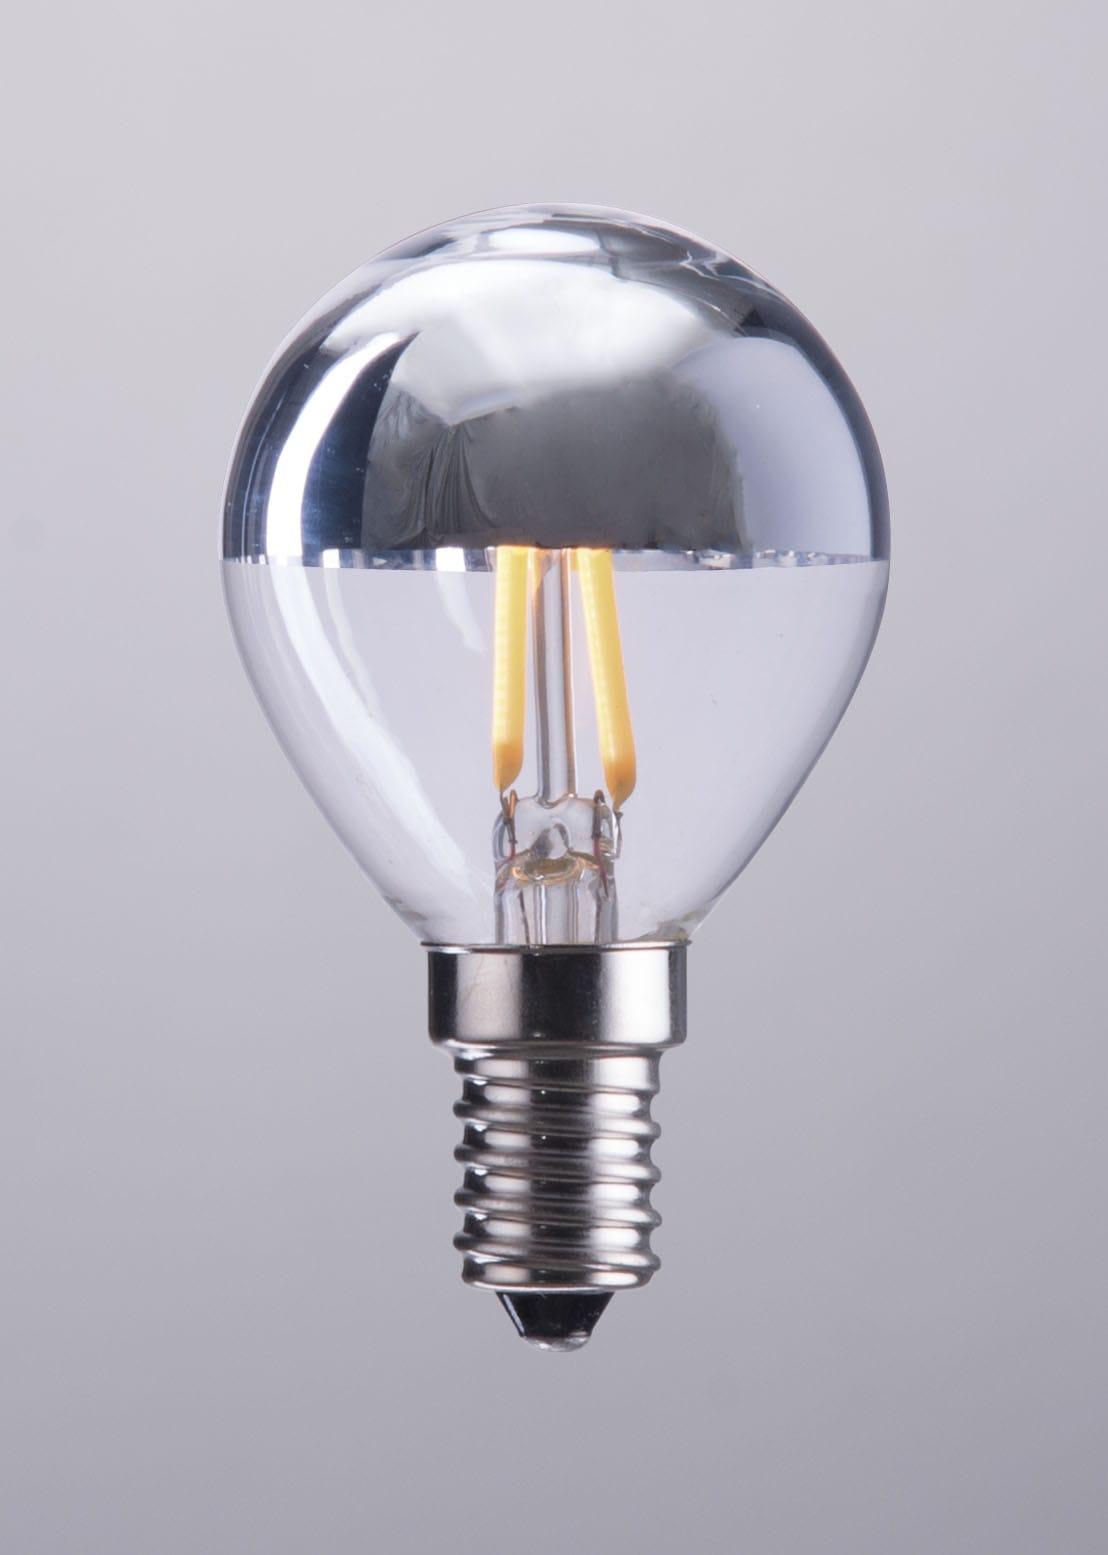 E12 G45 2w Led 80x45mm Half Chrome Light Bulb By Zuo